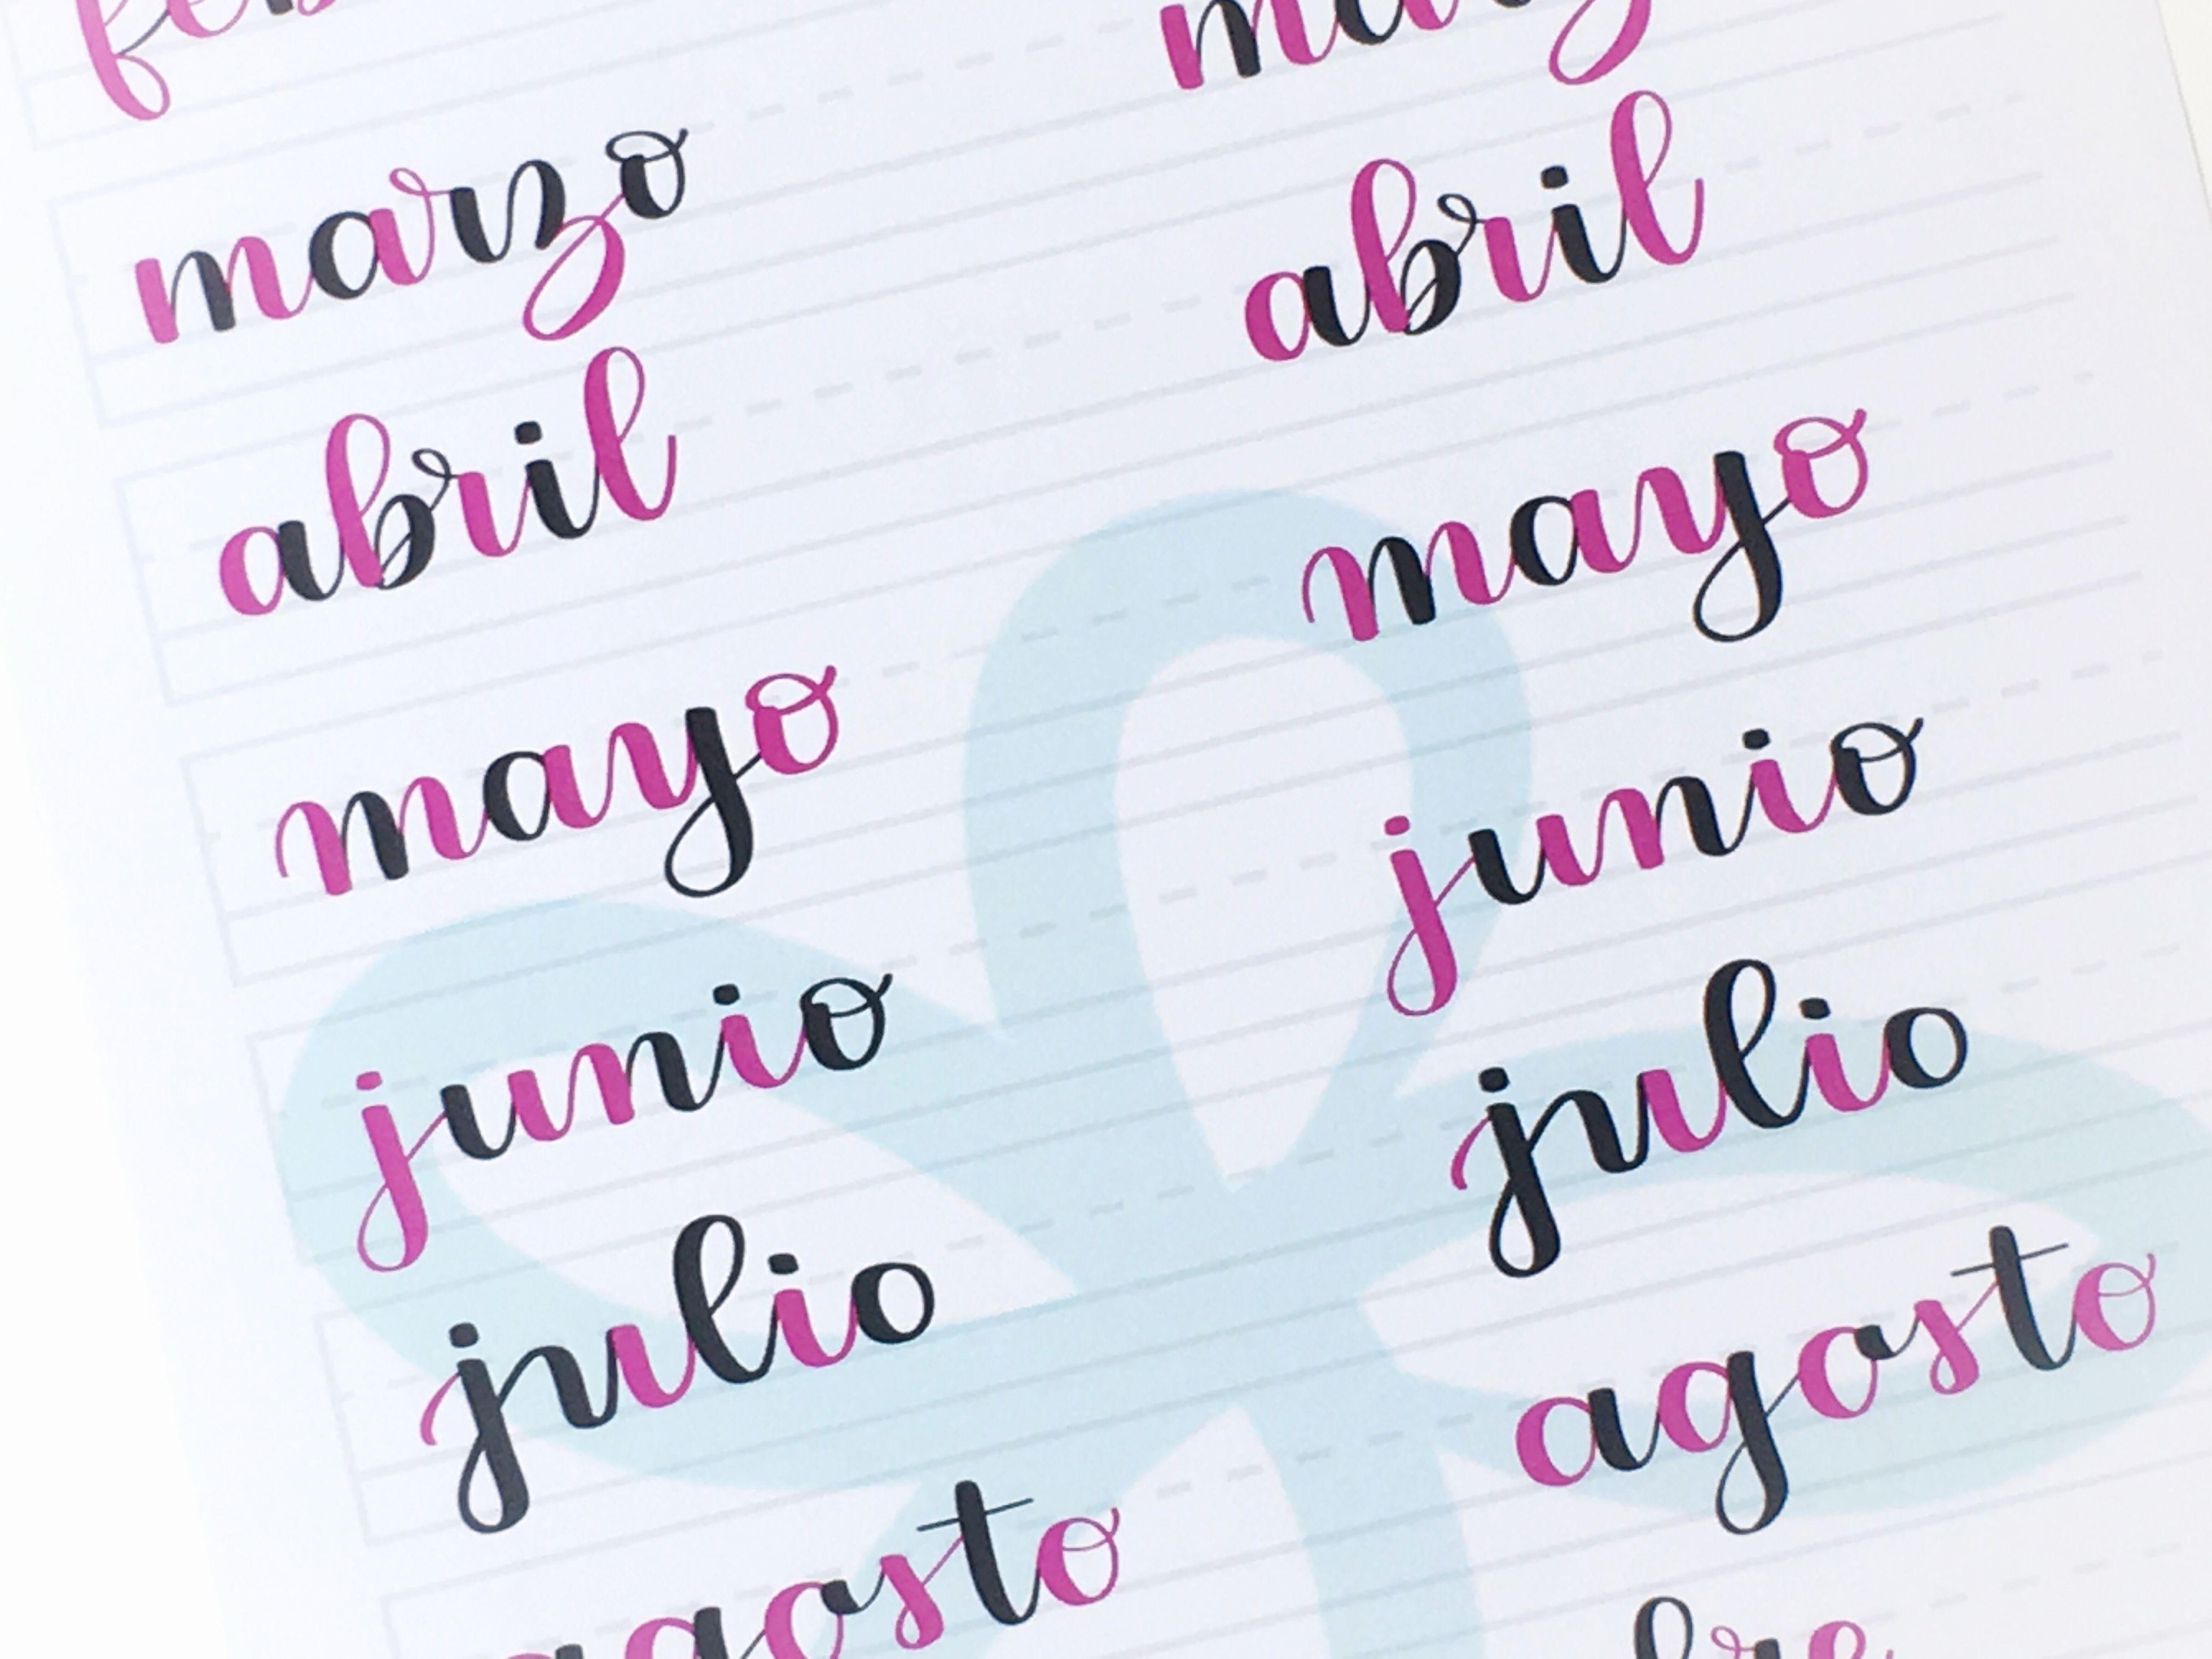 Unir las letras trazo a trazo